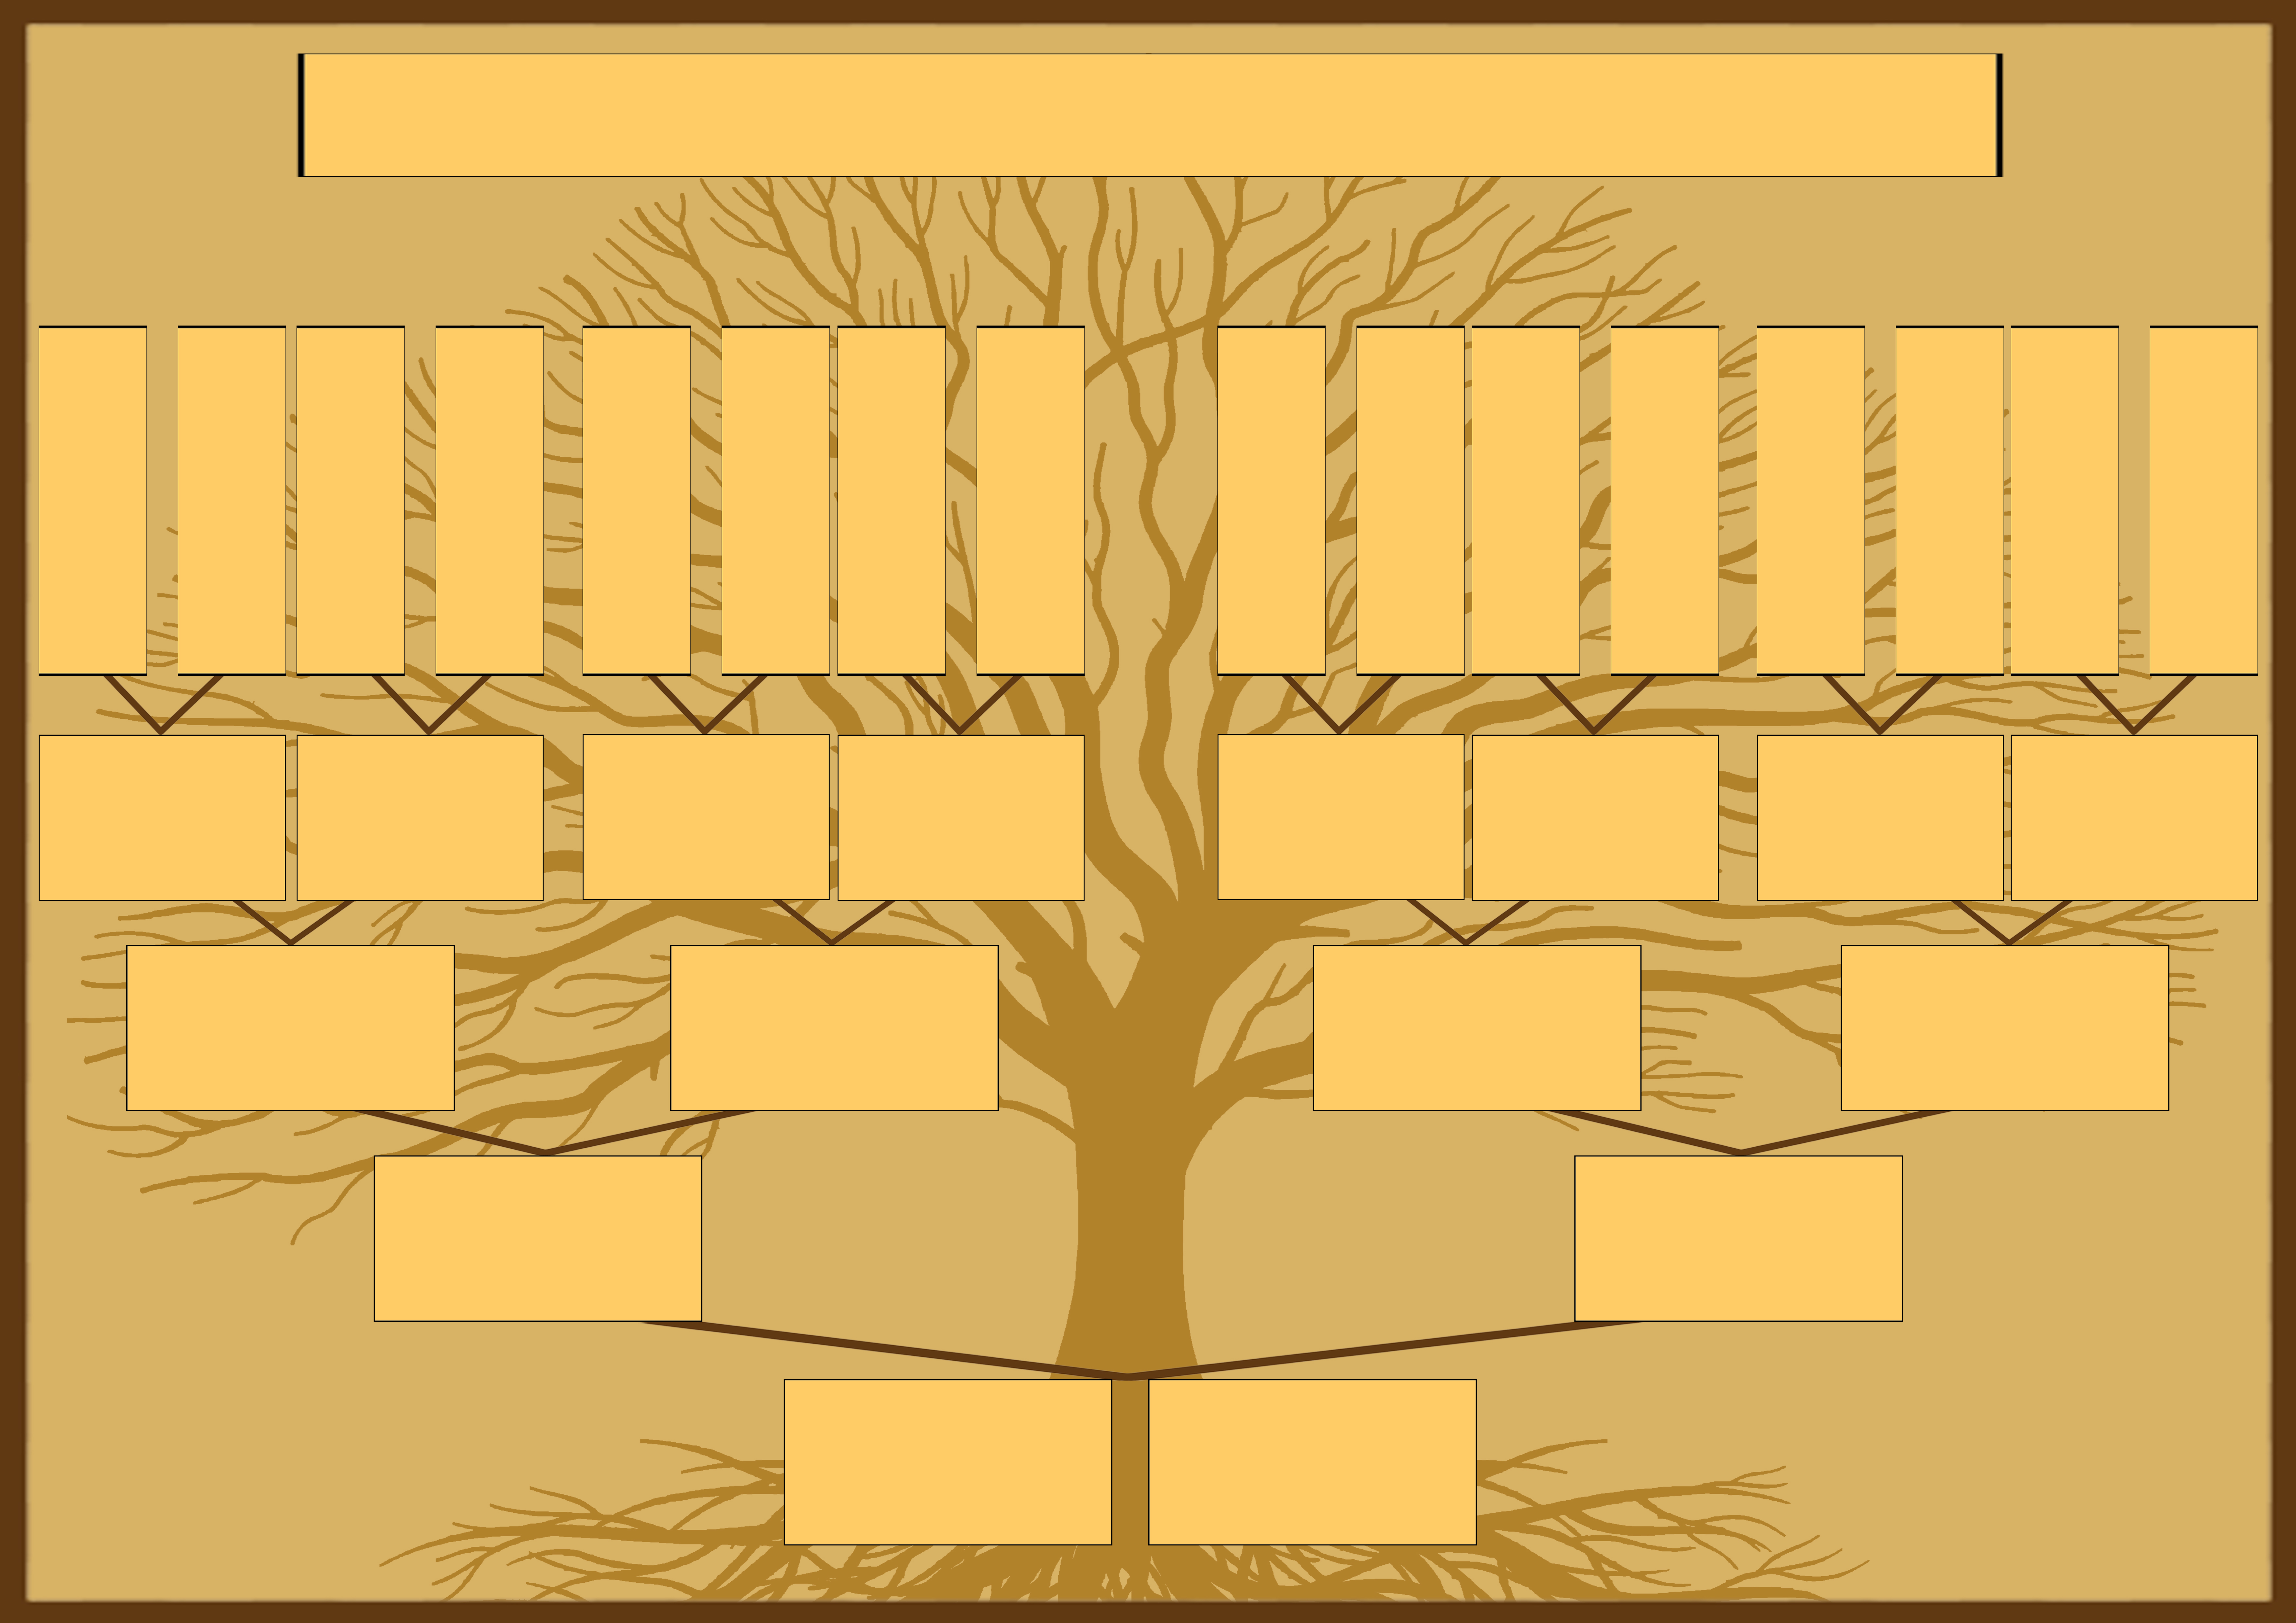 Шаблон генеалогического древа для семьи с двумя детьми для самостоятельного заполнения